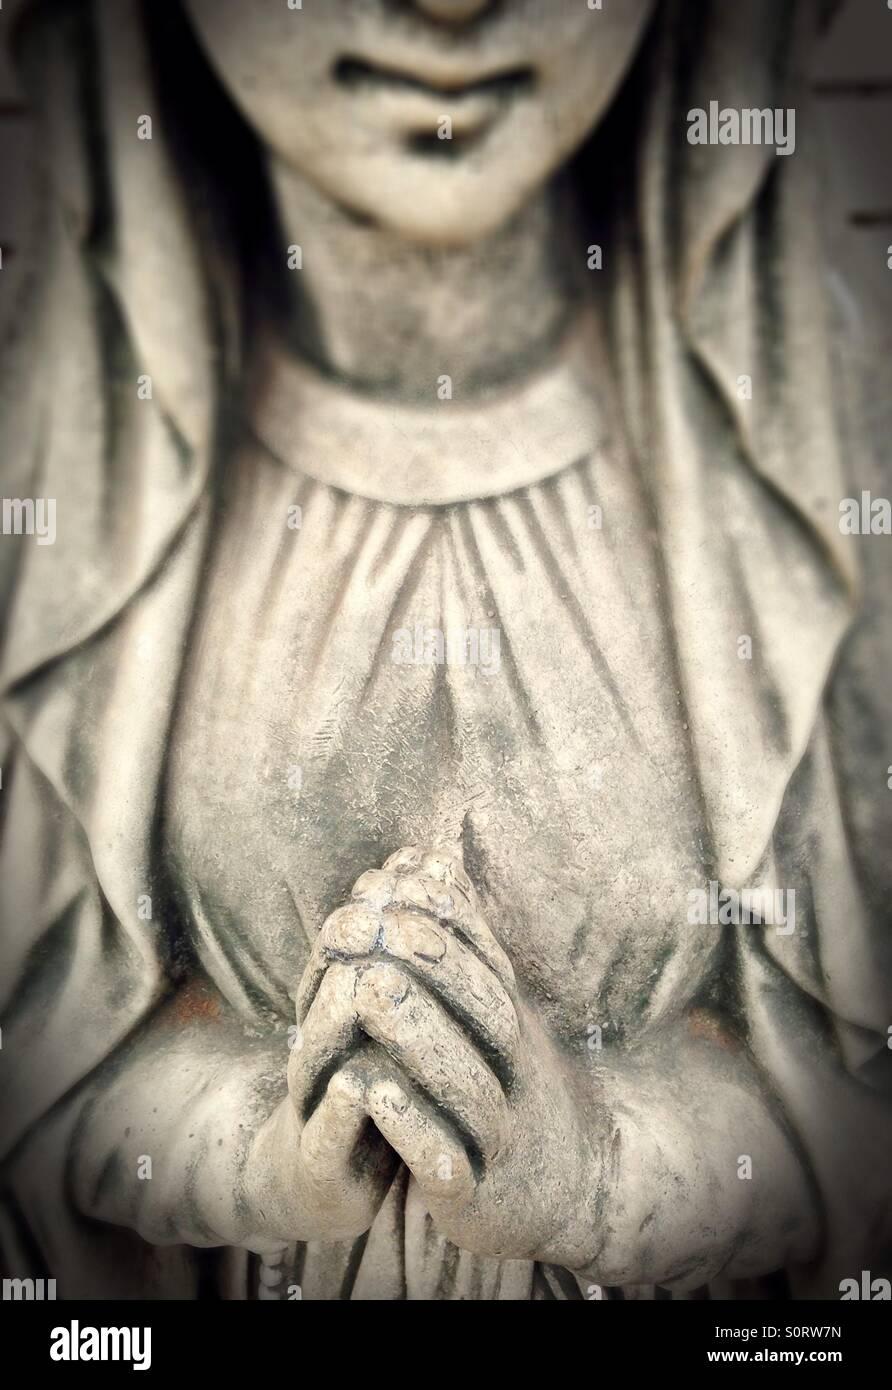 Una estatua de una mujer con las manos plegadas en oración. Imagen De Stock